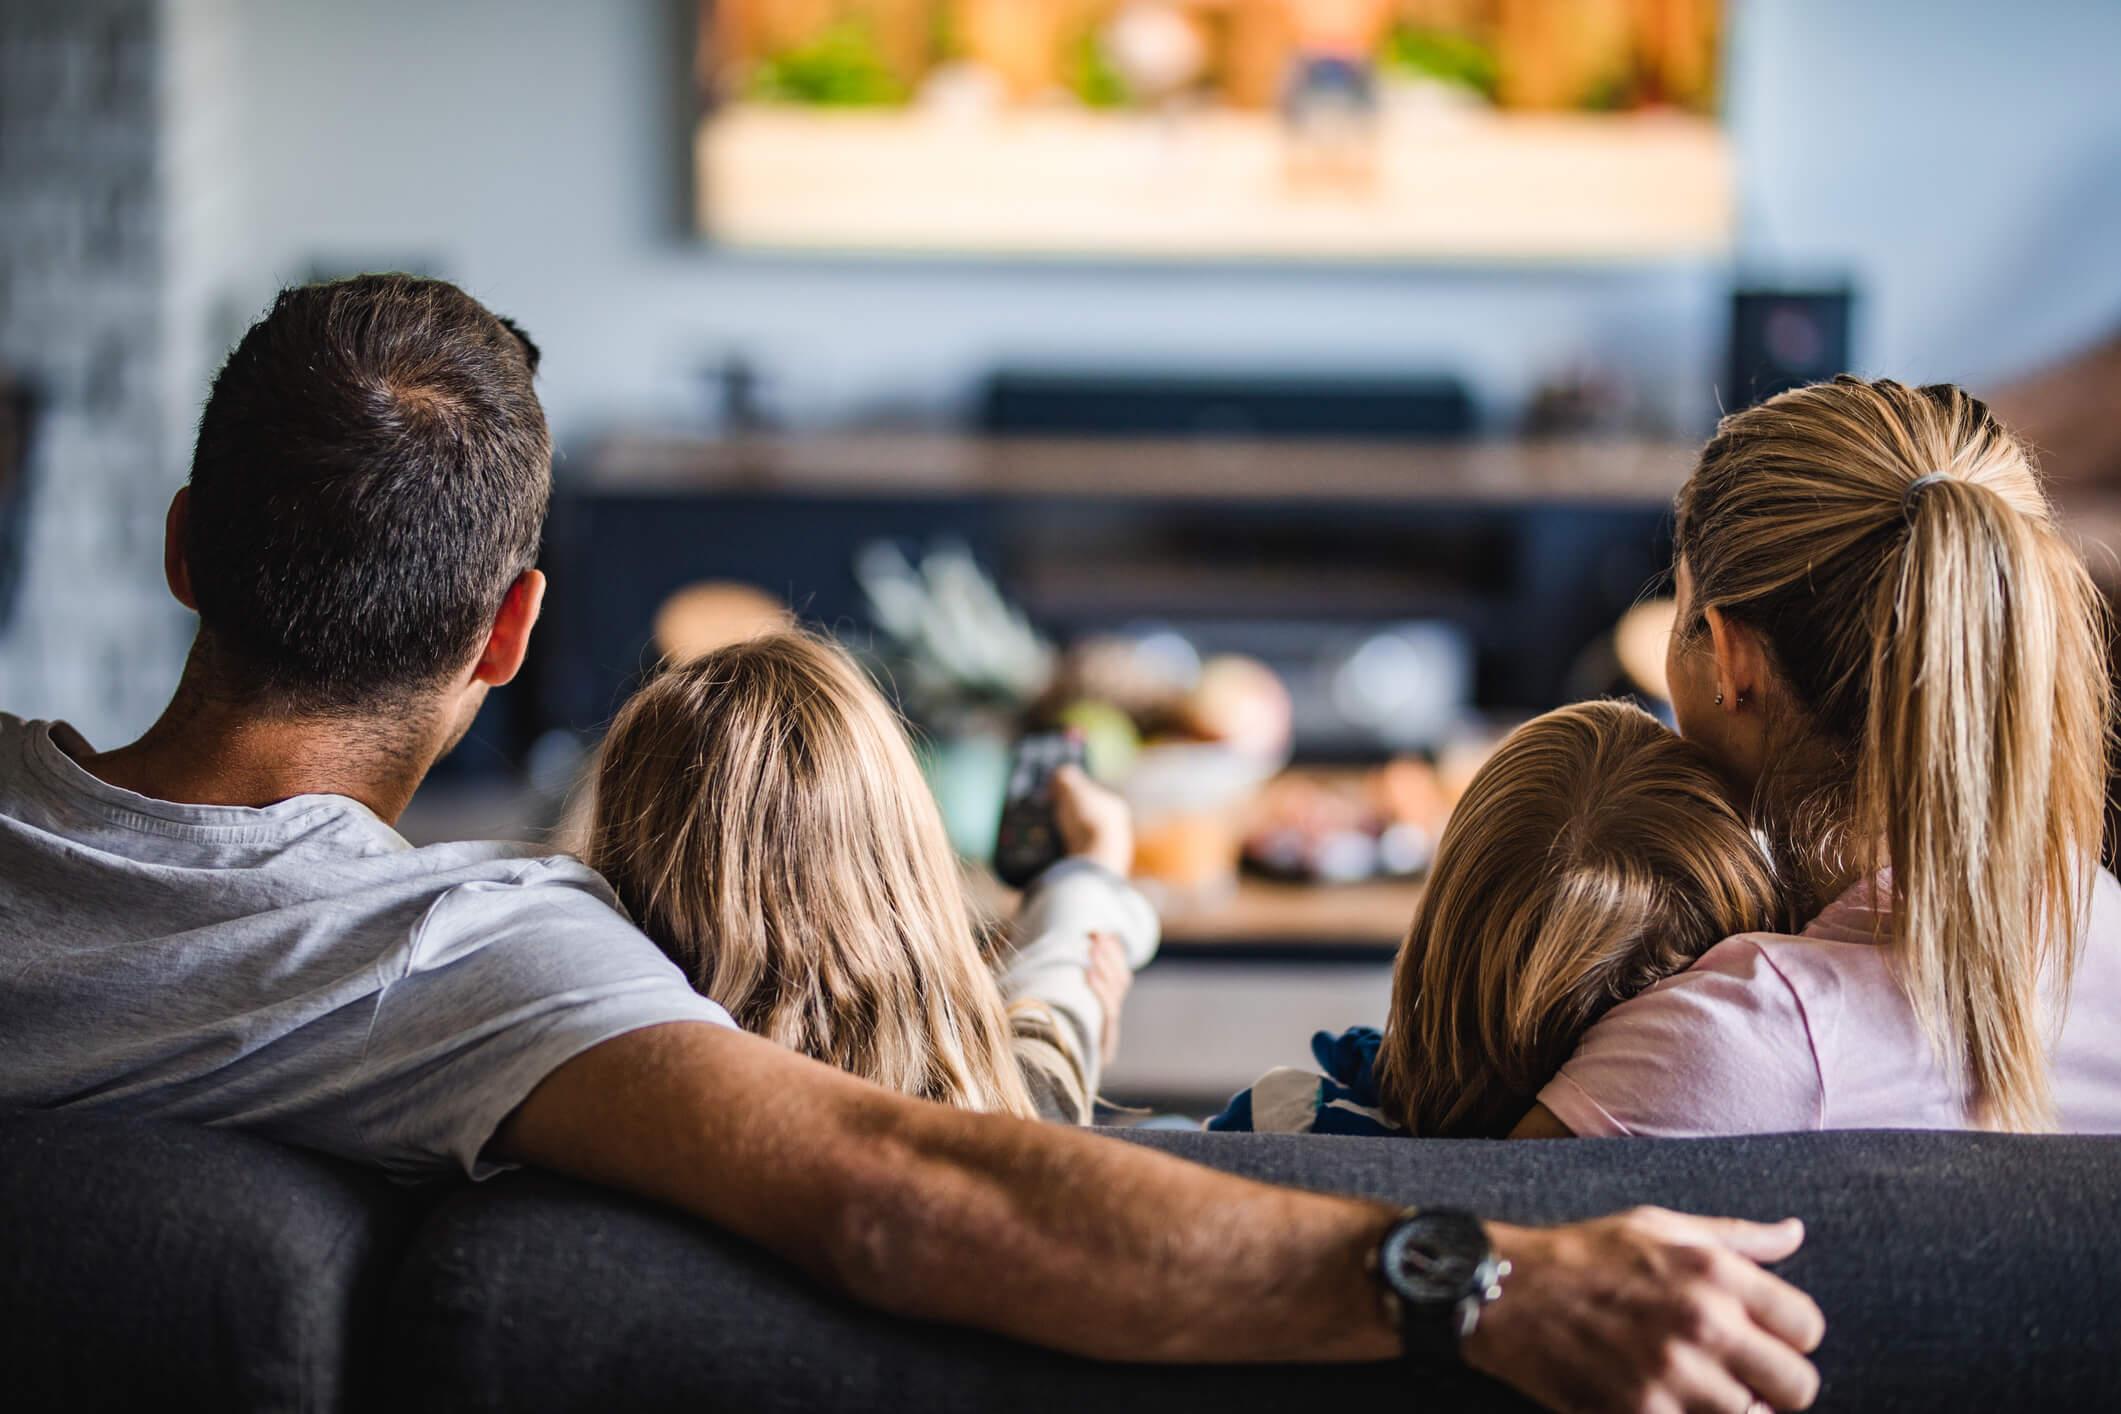 276589-5-filmes-para-assistir-com-a-familia-em-2019